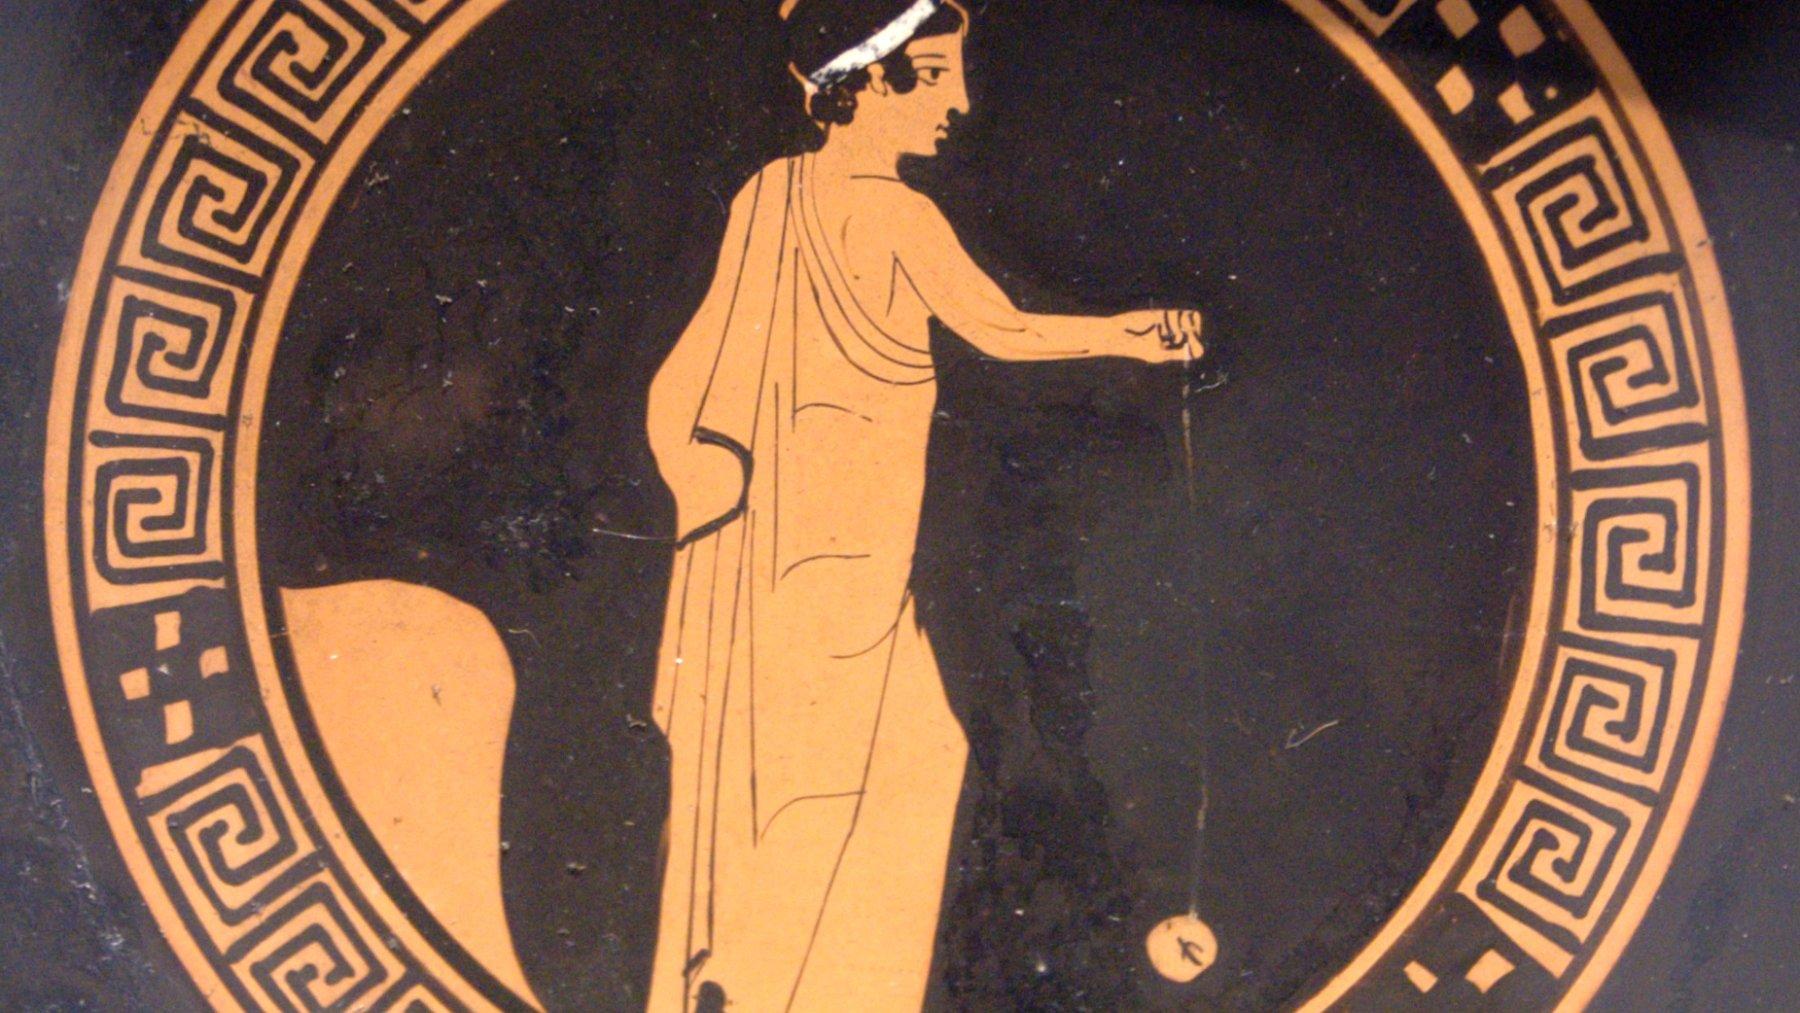 Historia del yoyó, uno de los juguetes más antiguos